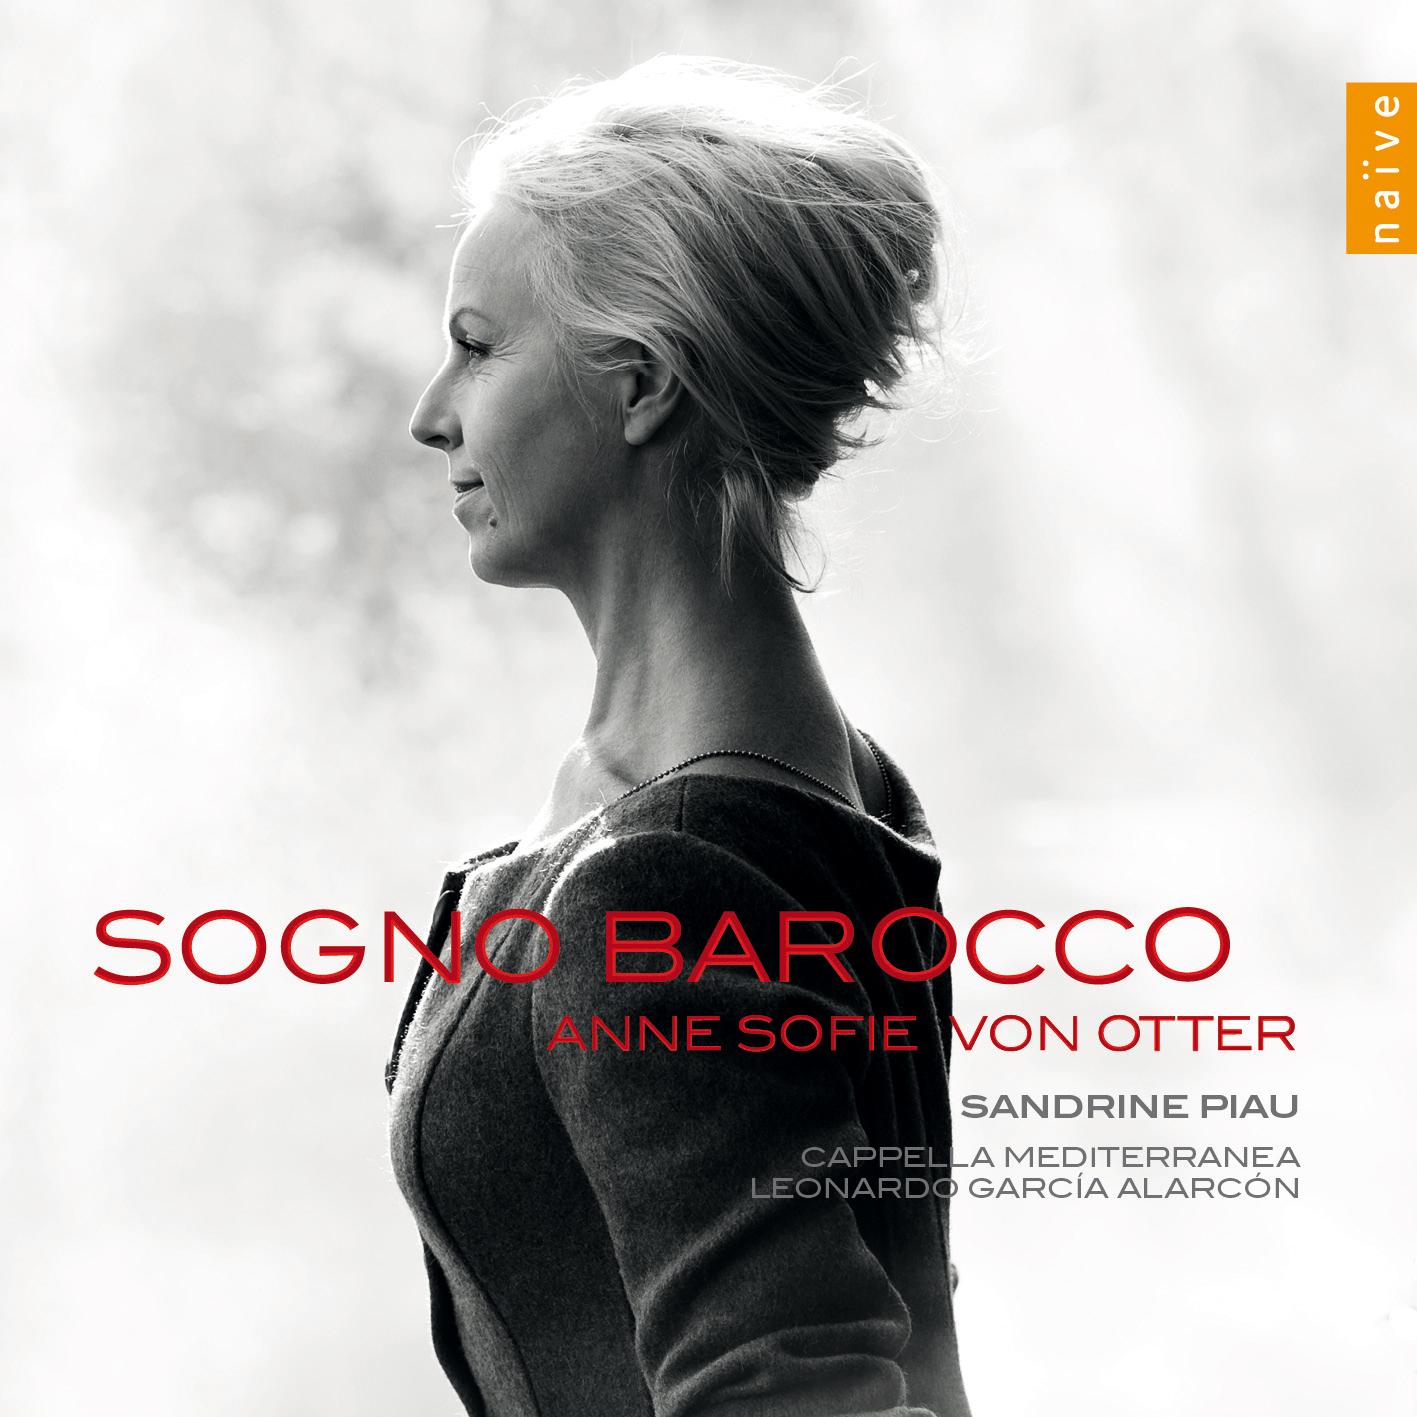 Sogno Barocco (2012)